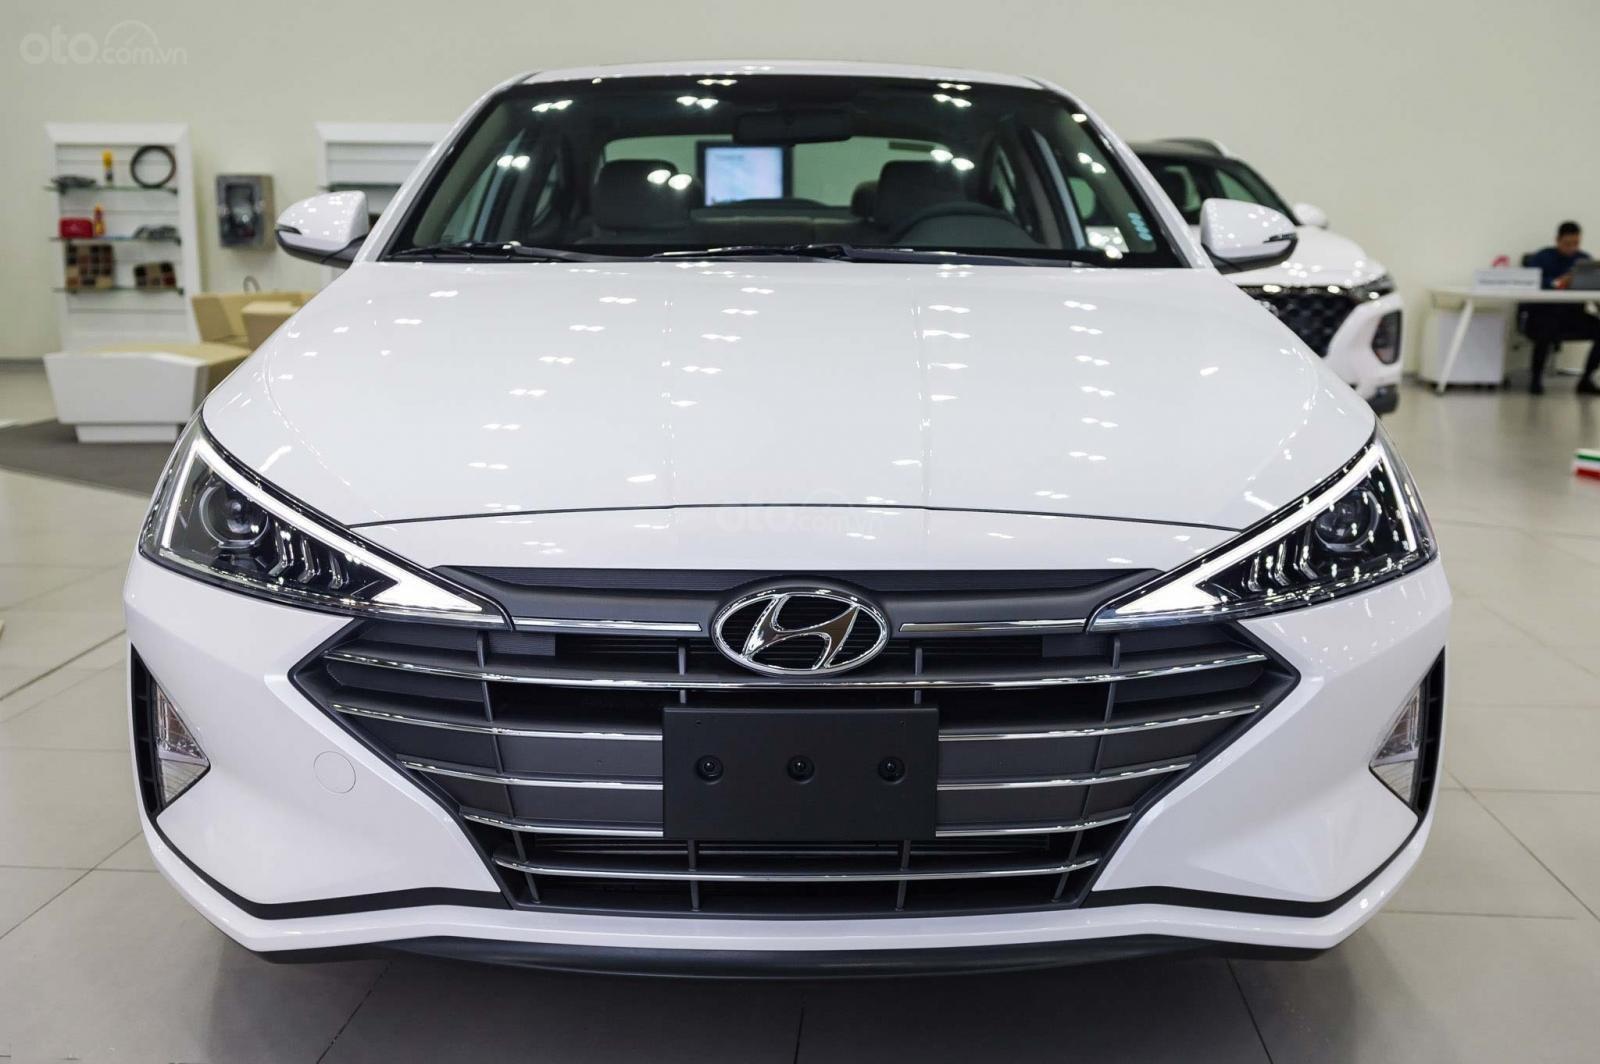 """""""Sốc"""" Tặng 10 triệu phụ kiện - Chỉ 179tr- Hyundai Elantra 1.6 AT 2019, hỗ trợ trả góp 85% - Thủ tục nhanh chóng-0"""